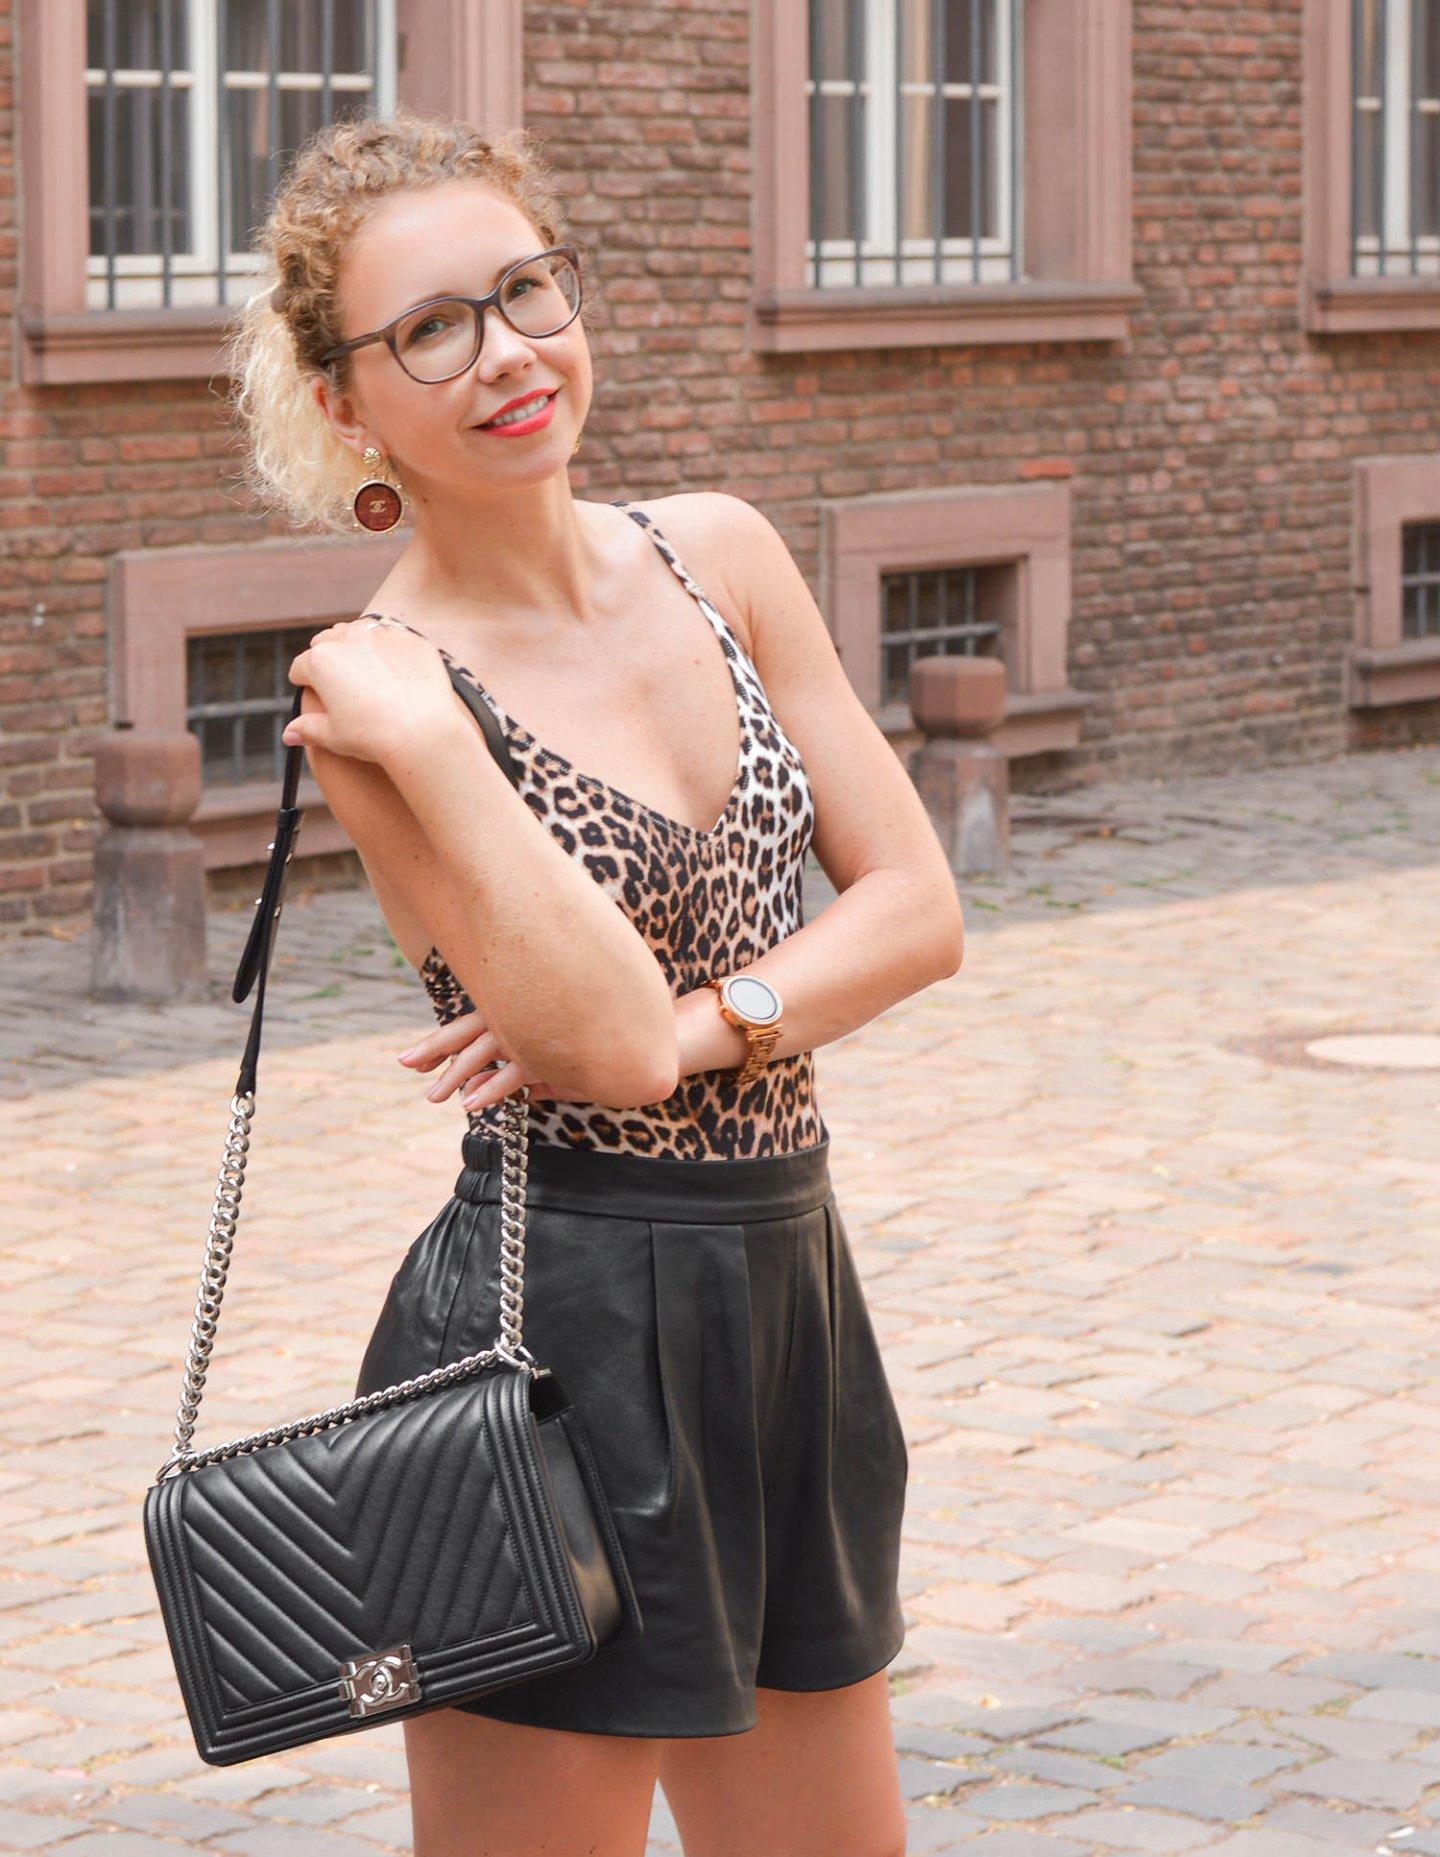 Chanel Boy Bag, Leo-Badeanzug und Ledershorts